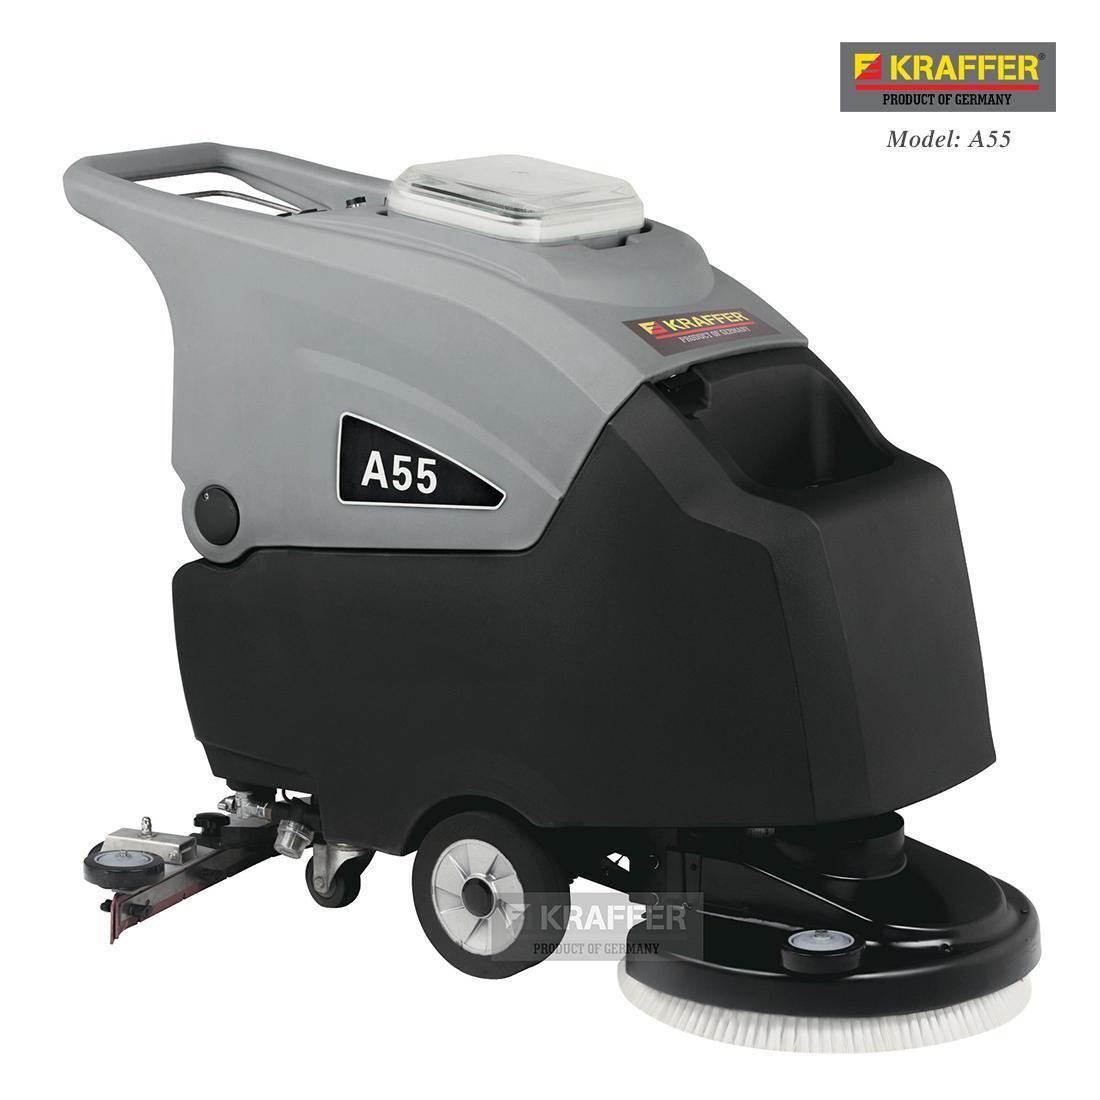 Máy lau sàn công nghiệp Kraffer model A55